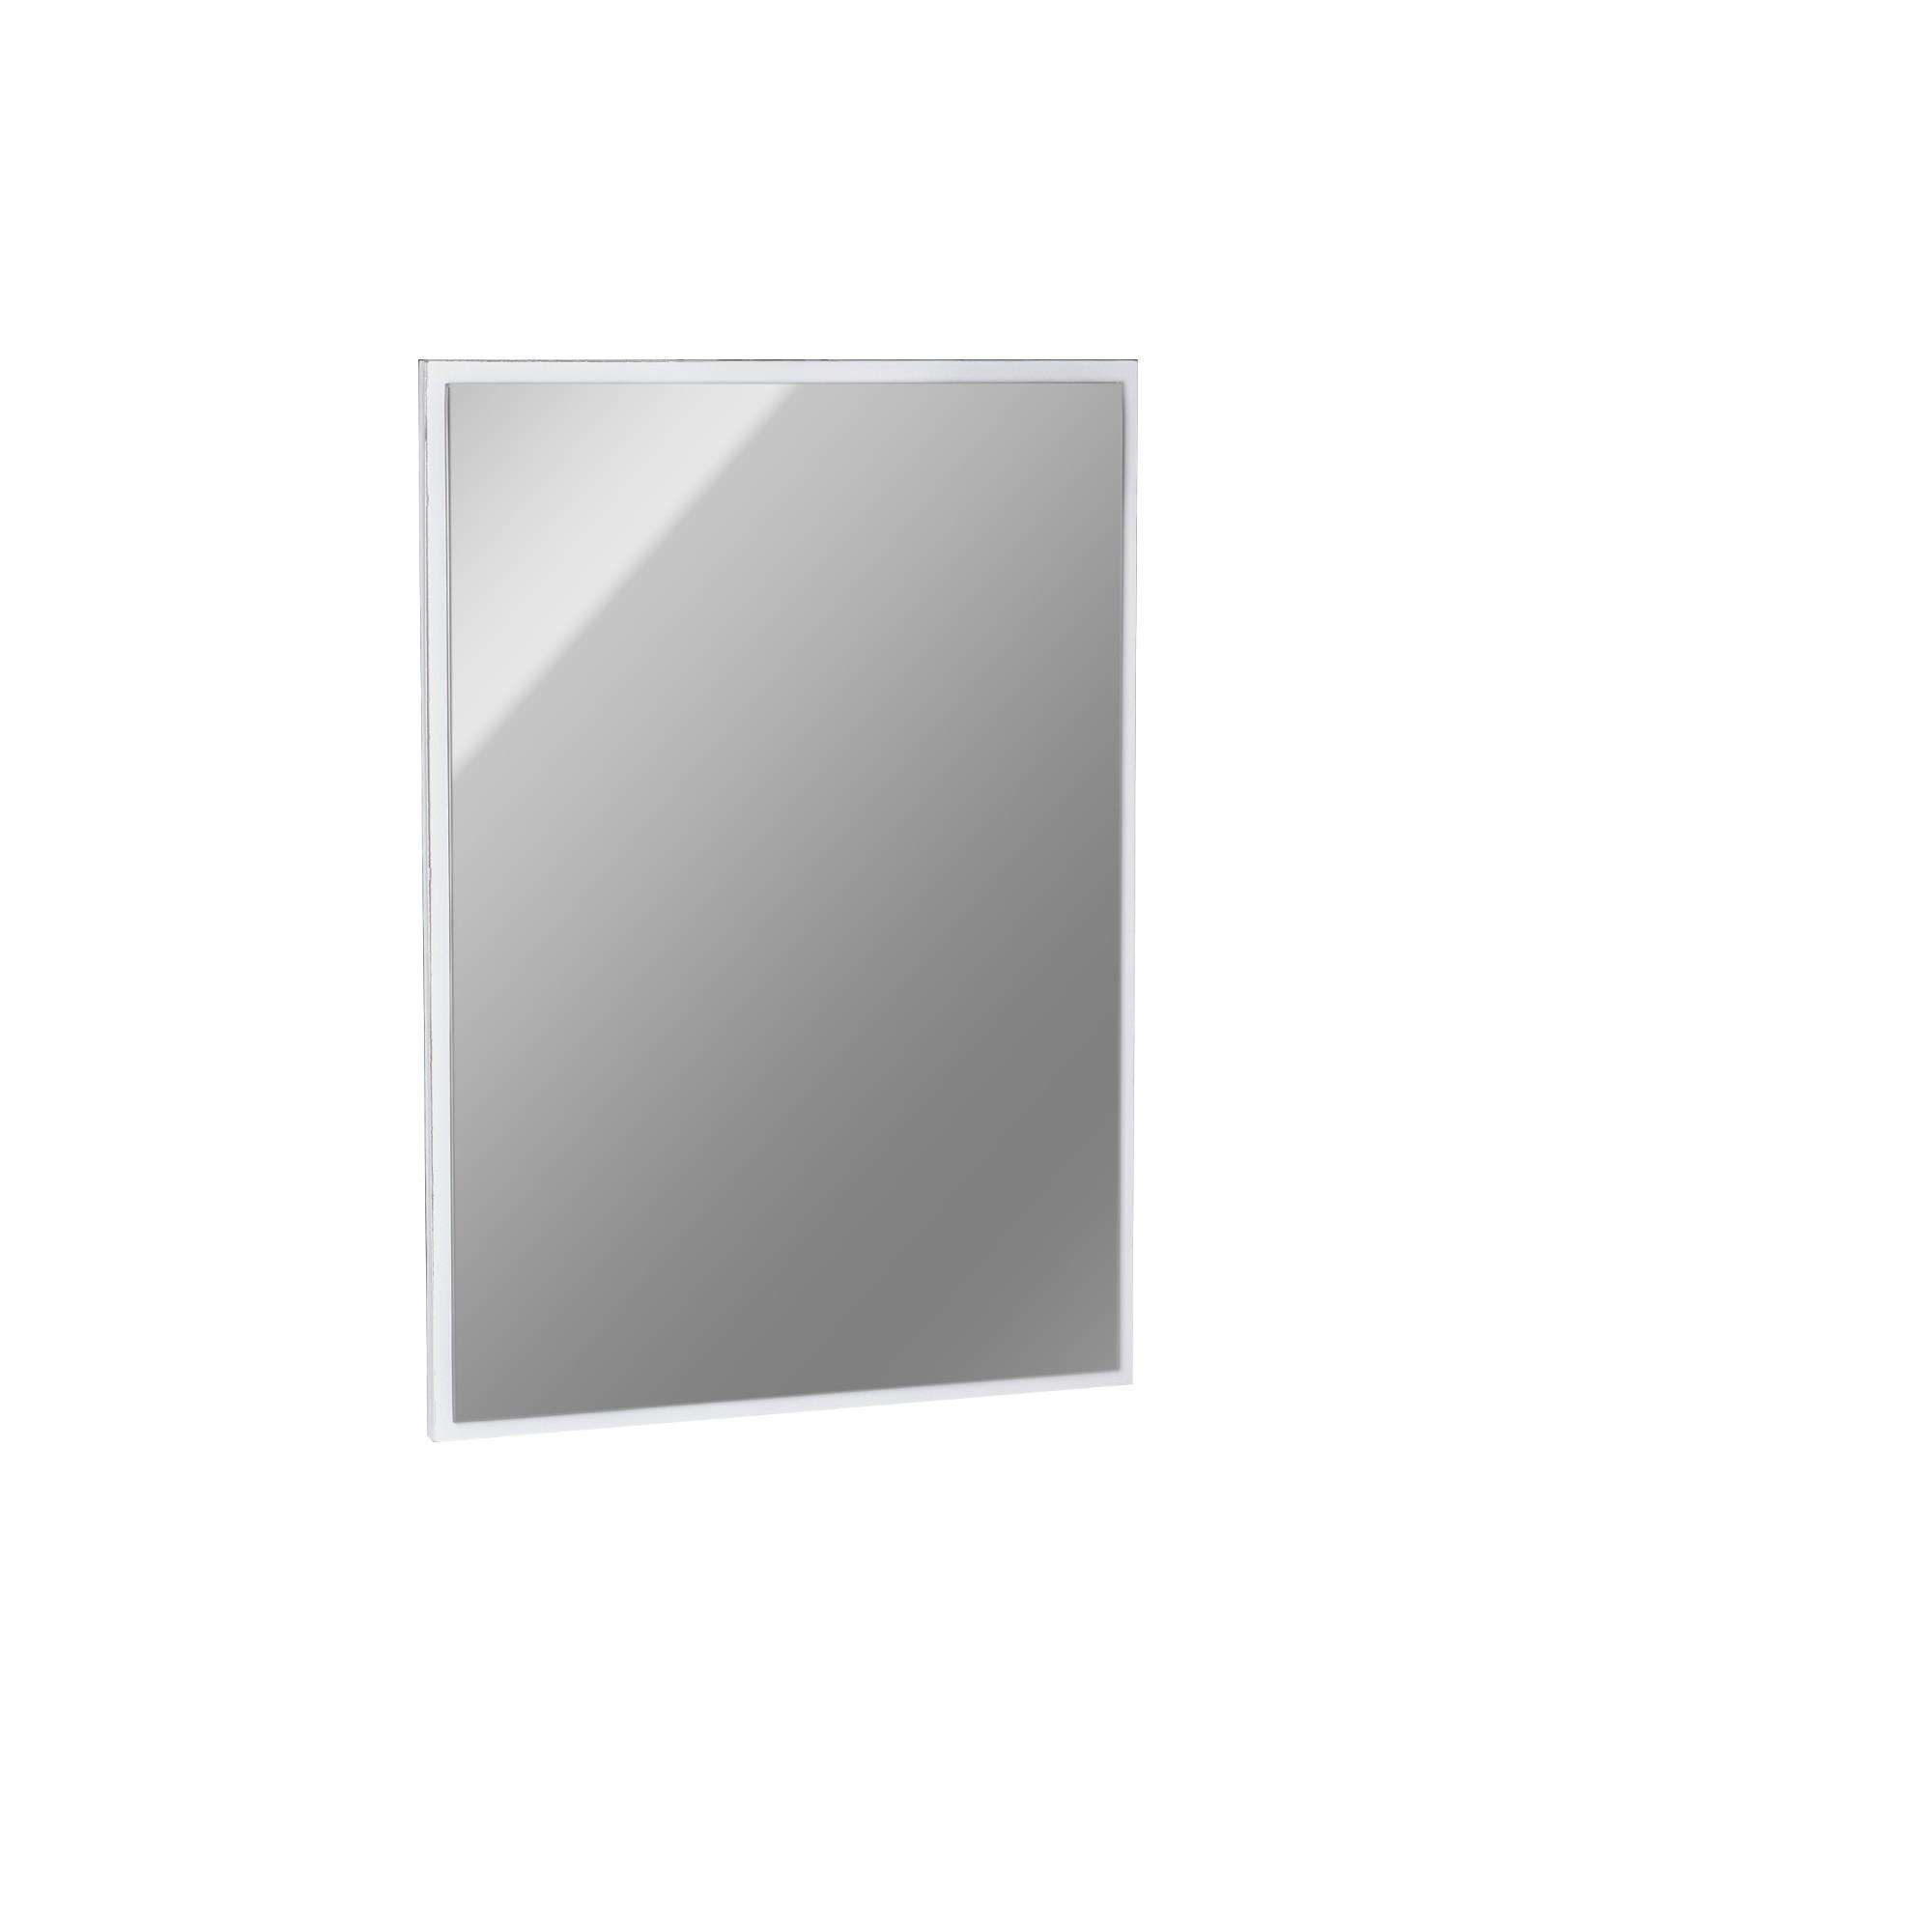 Espelho para Parede Retangular 44x32cm - Policlass